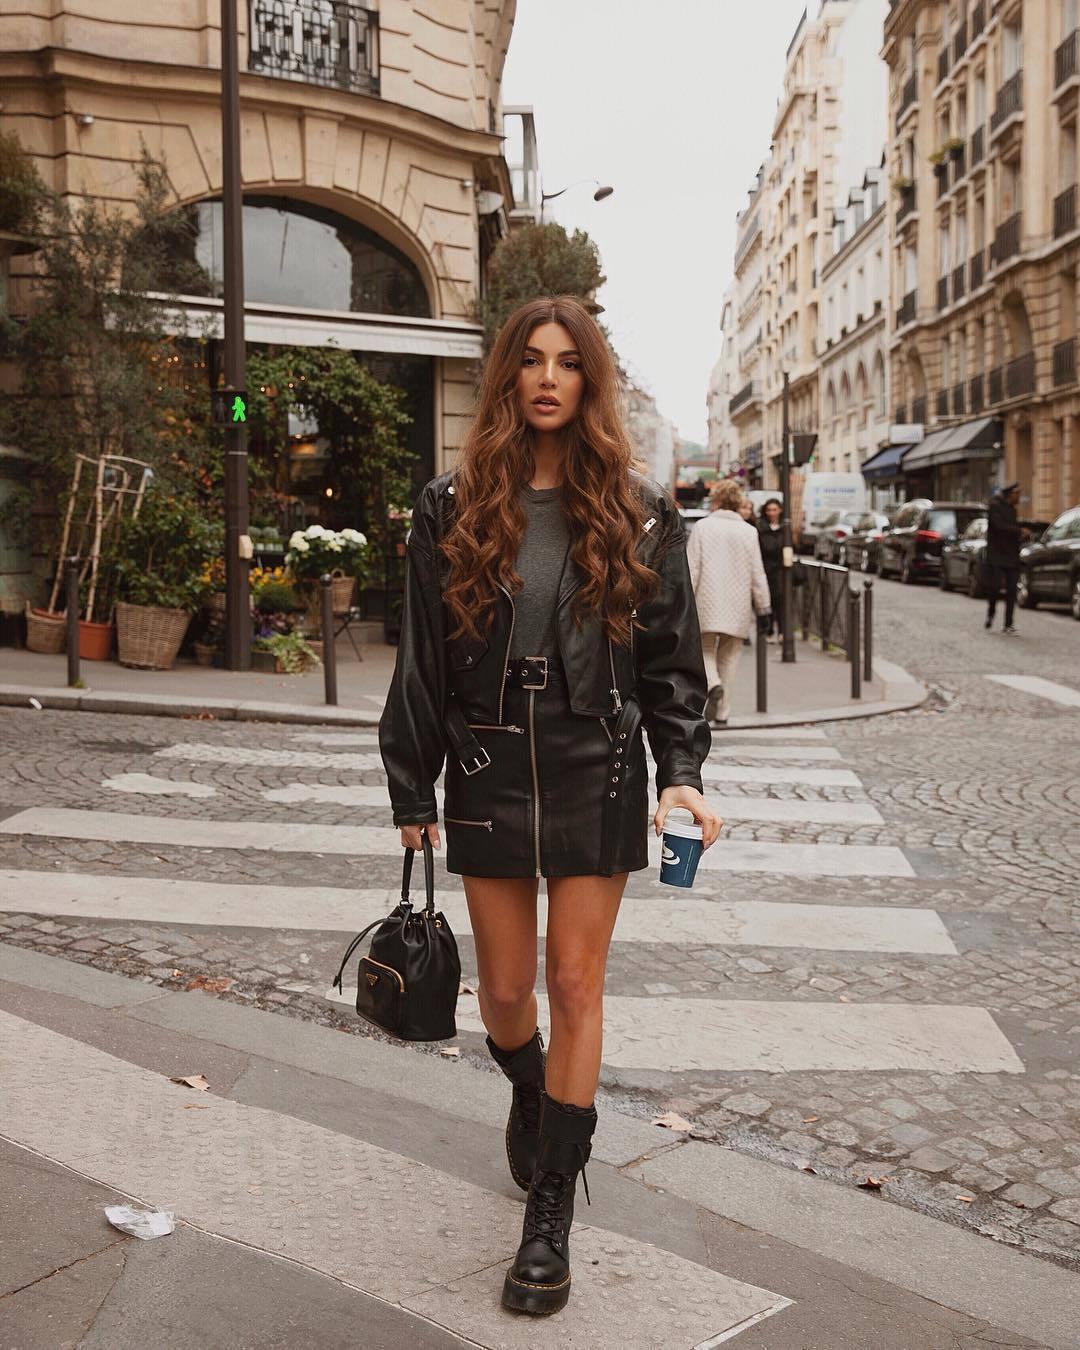 skirt black leather skirt mini skirt black boots combat boots black bag black leather jacket grey sweater